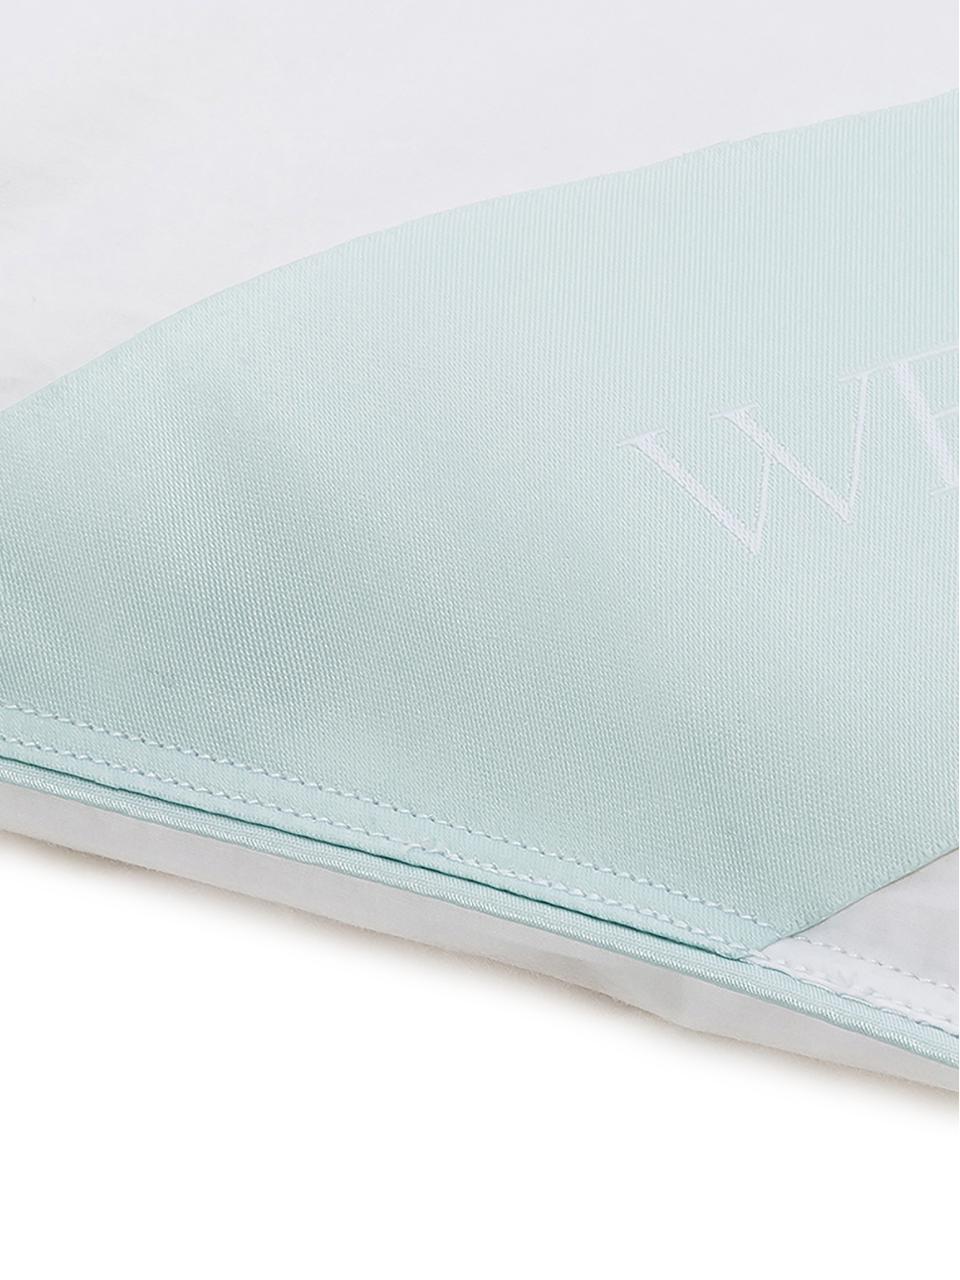 Piumino trapuntato in piuma d'oca Comfort, medio, Rivestimento: 100% cotone, pregiata cop, Bianco, Larg. 200 x Lung. 200 cm